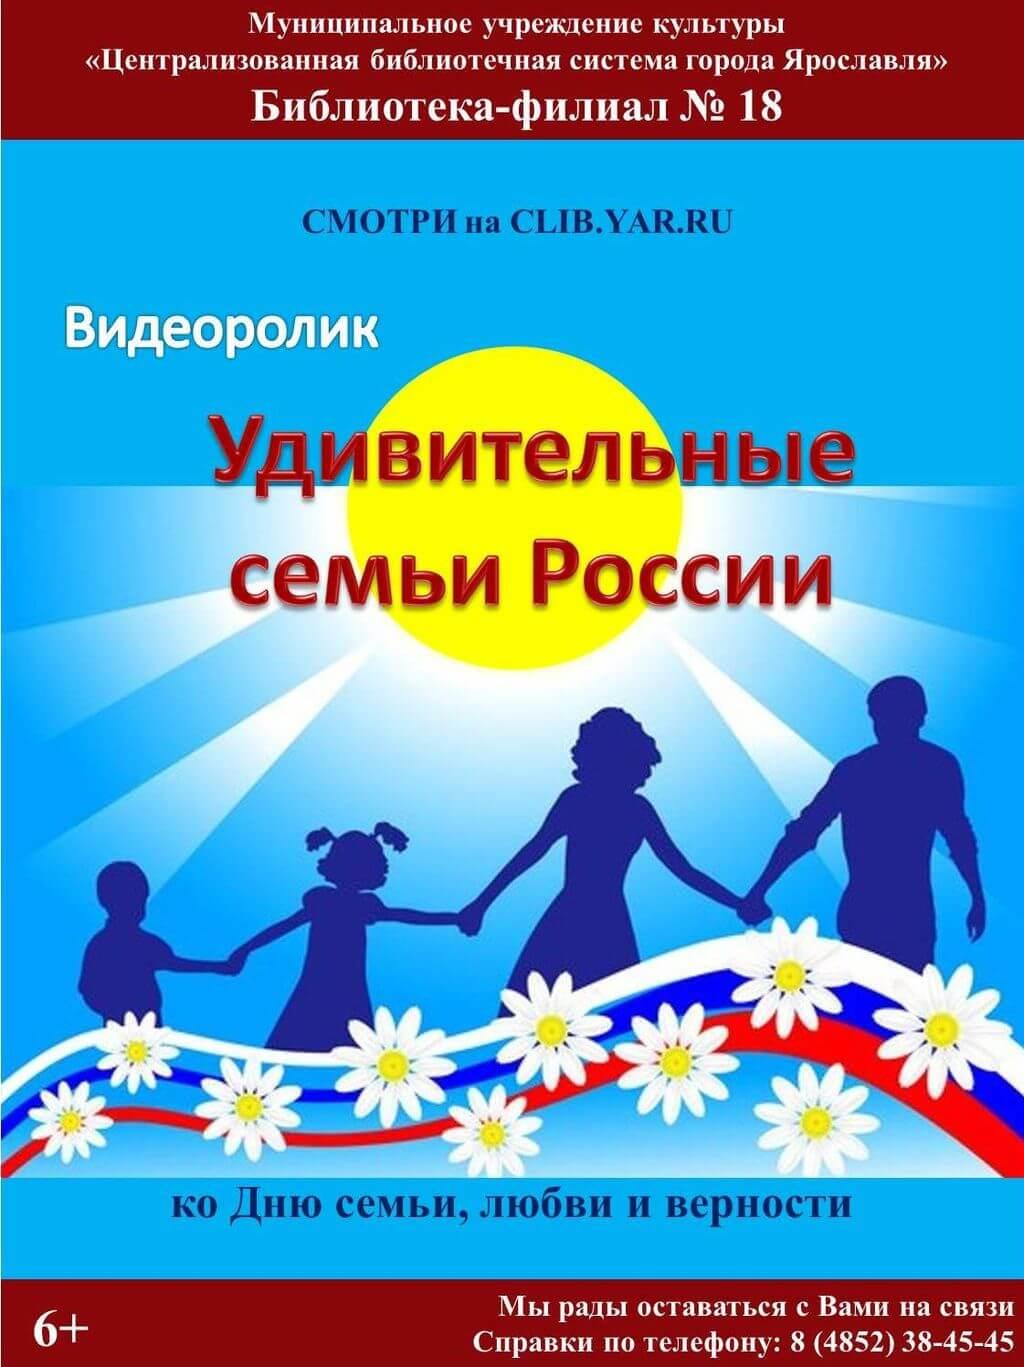 Видеоролик «Удивительные семьи России»